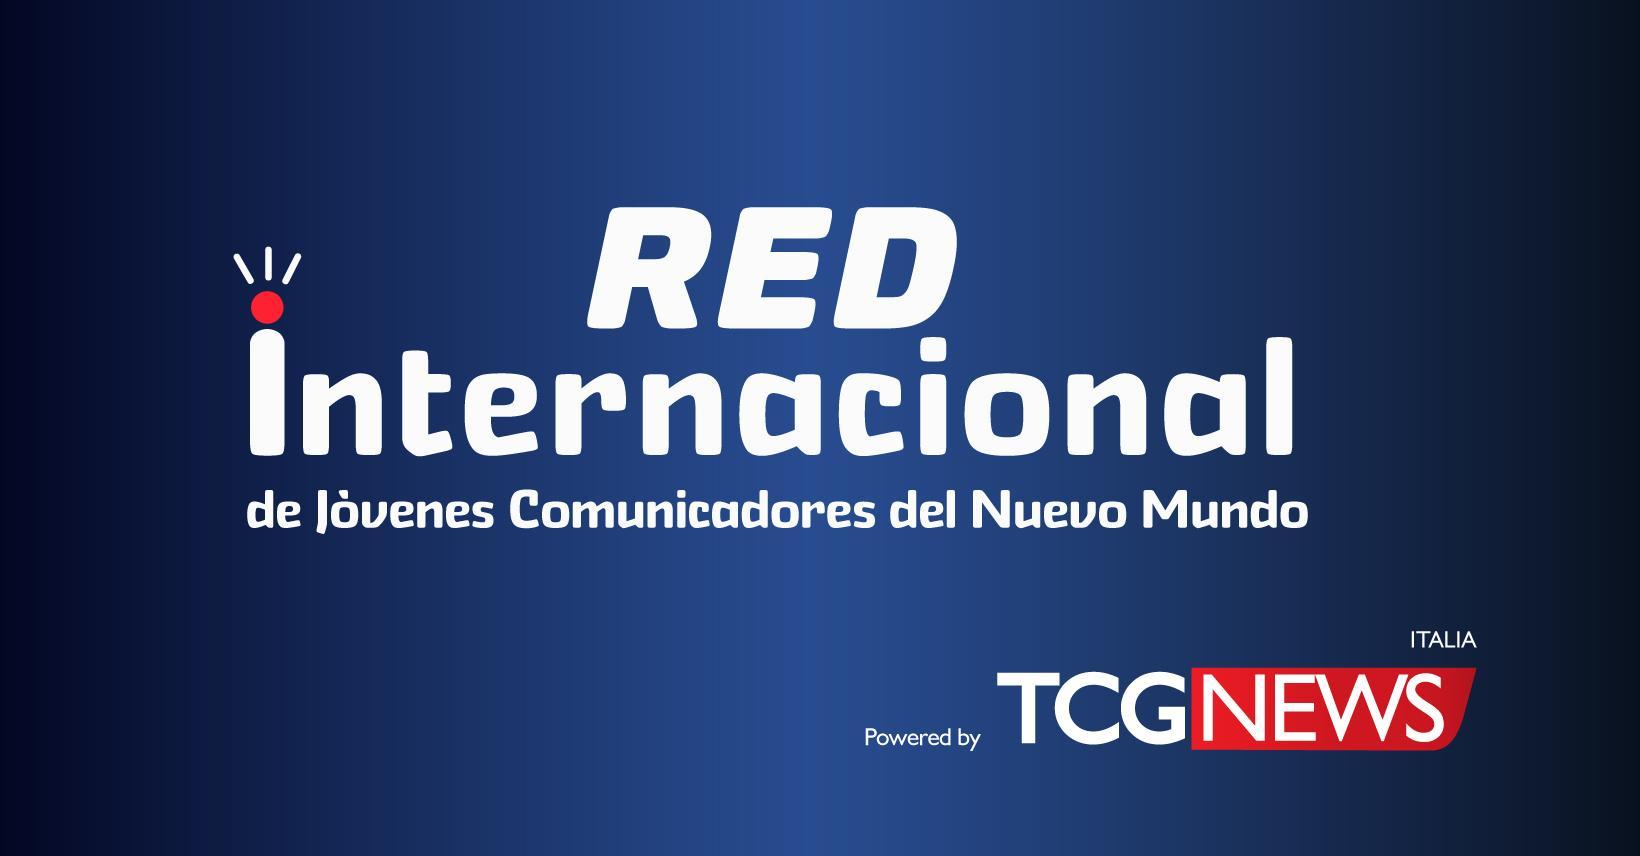 Únete a la Red Internacional de Jóvenes comunicadores del Nuevo Mundo